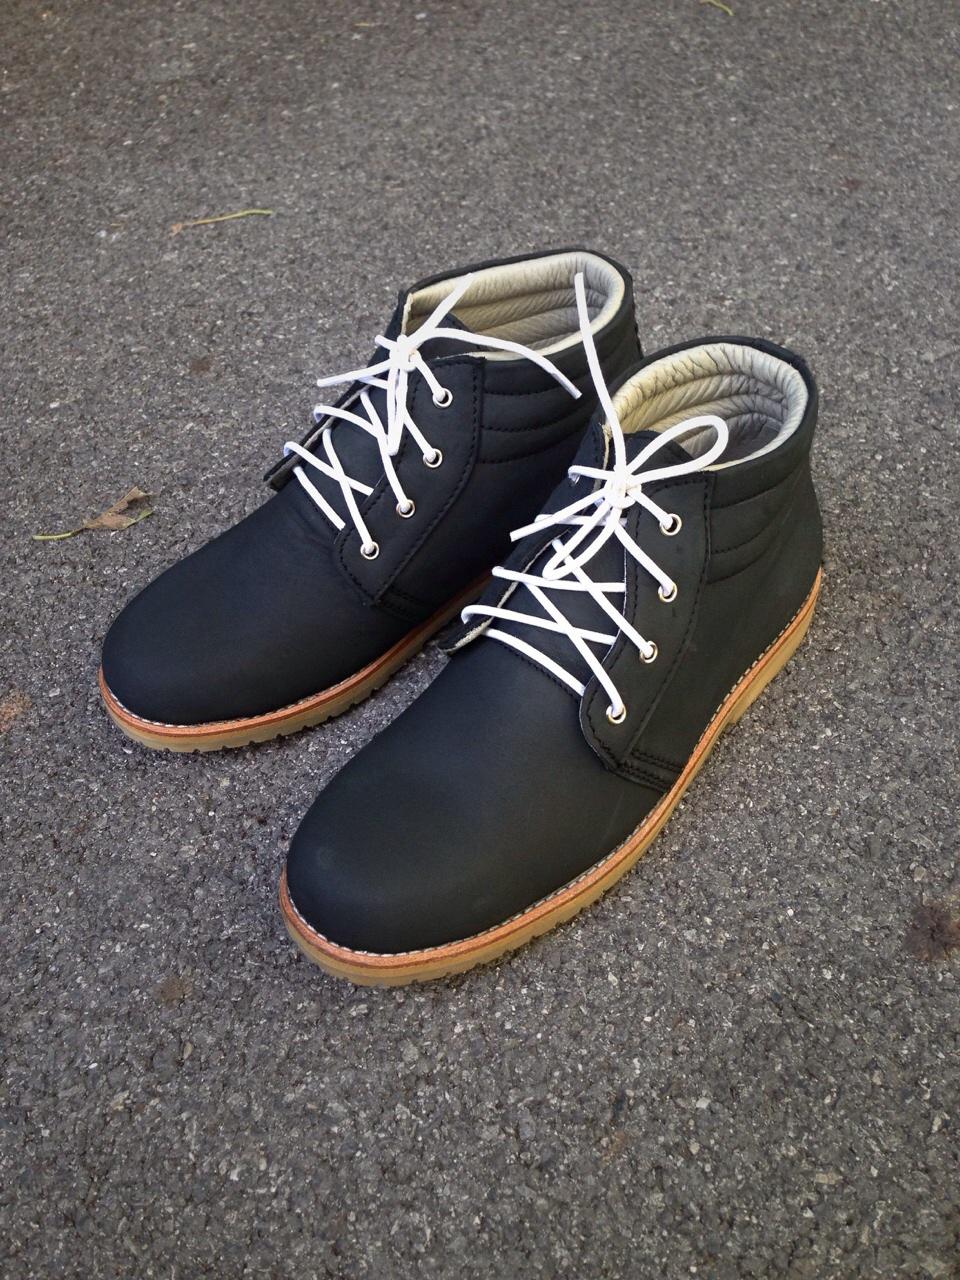 รองเท้าผู้ชาย | รองเท้าแฟชั่นชาย Dark Navy Ankle Boot หนังนูบัคแท้ กันน้ำ